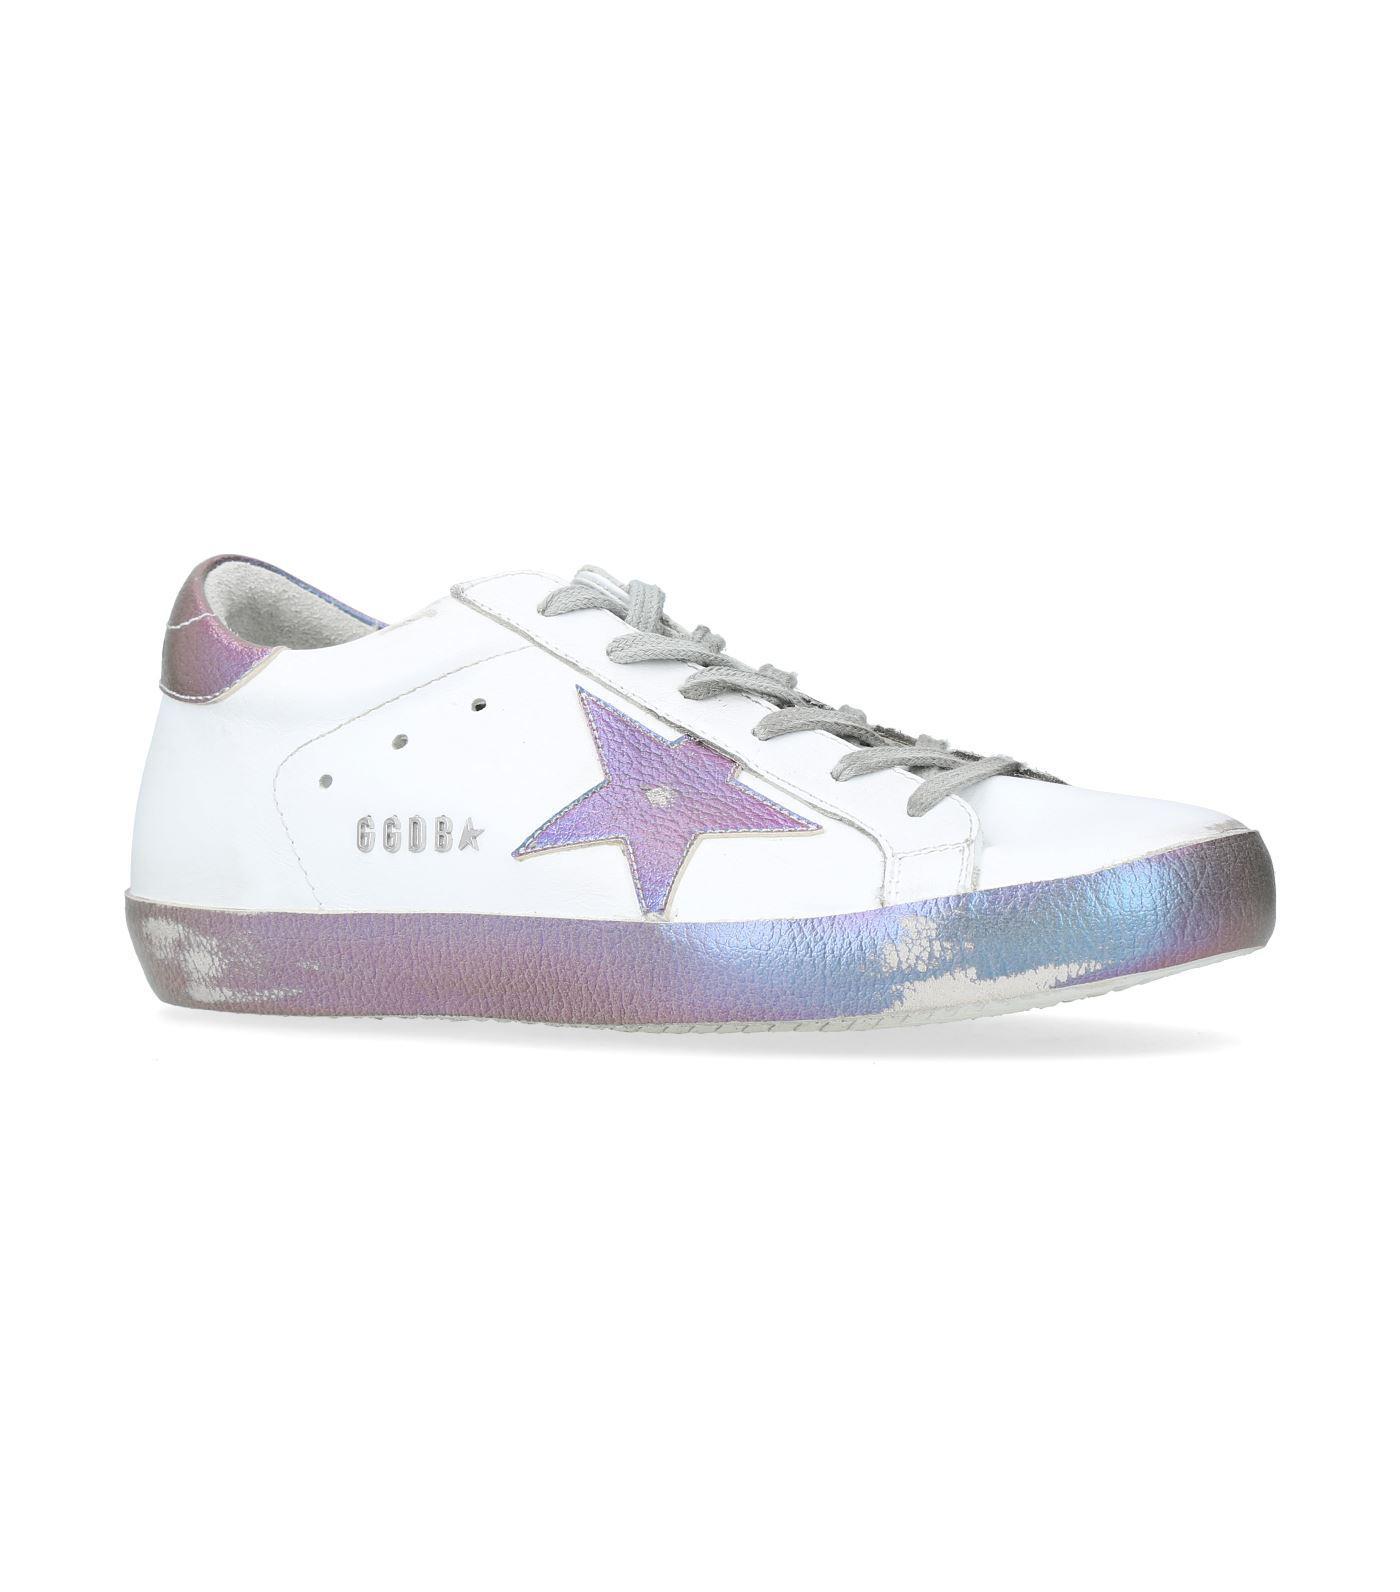 Goose Superstar Iridescent Sneakers